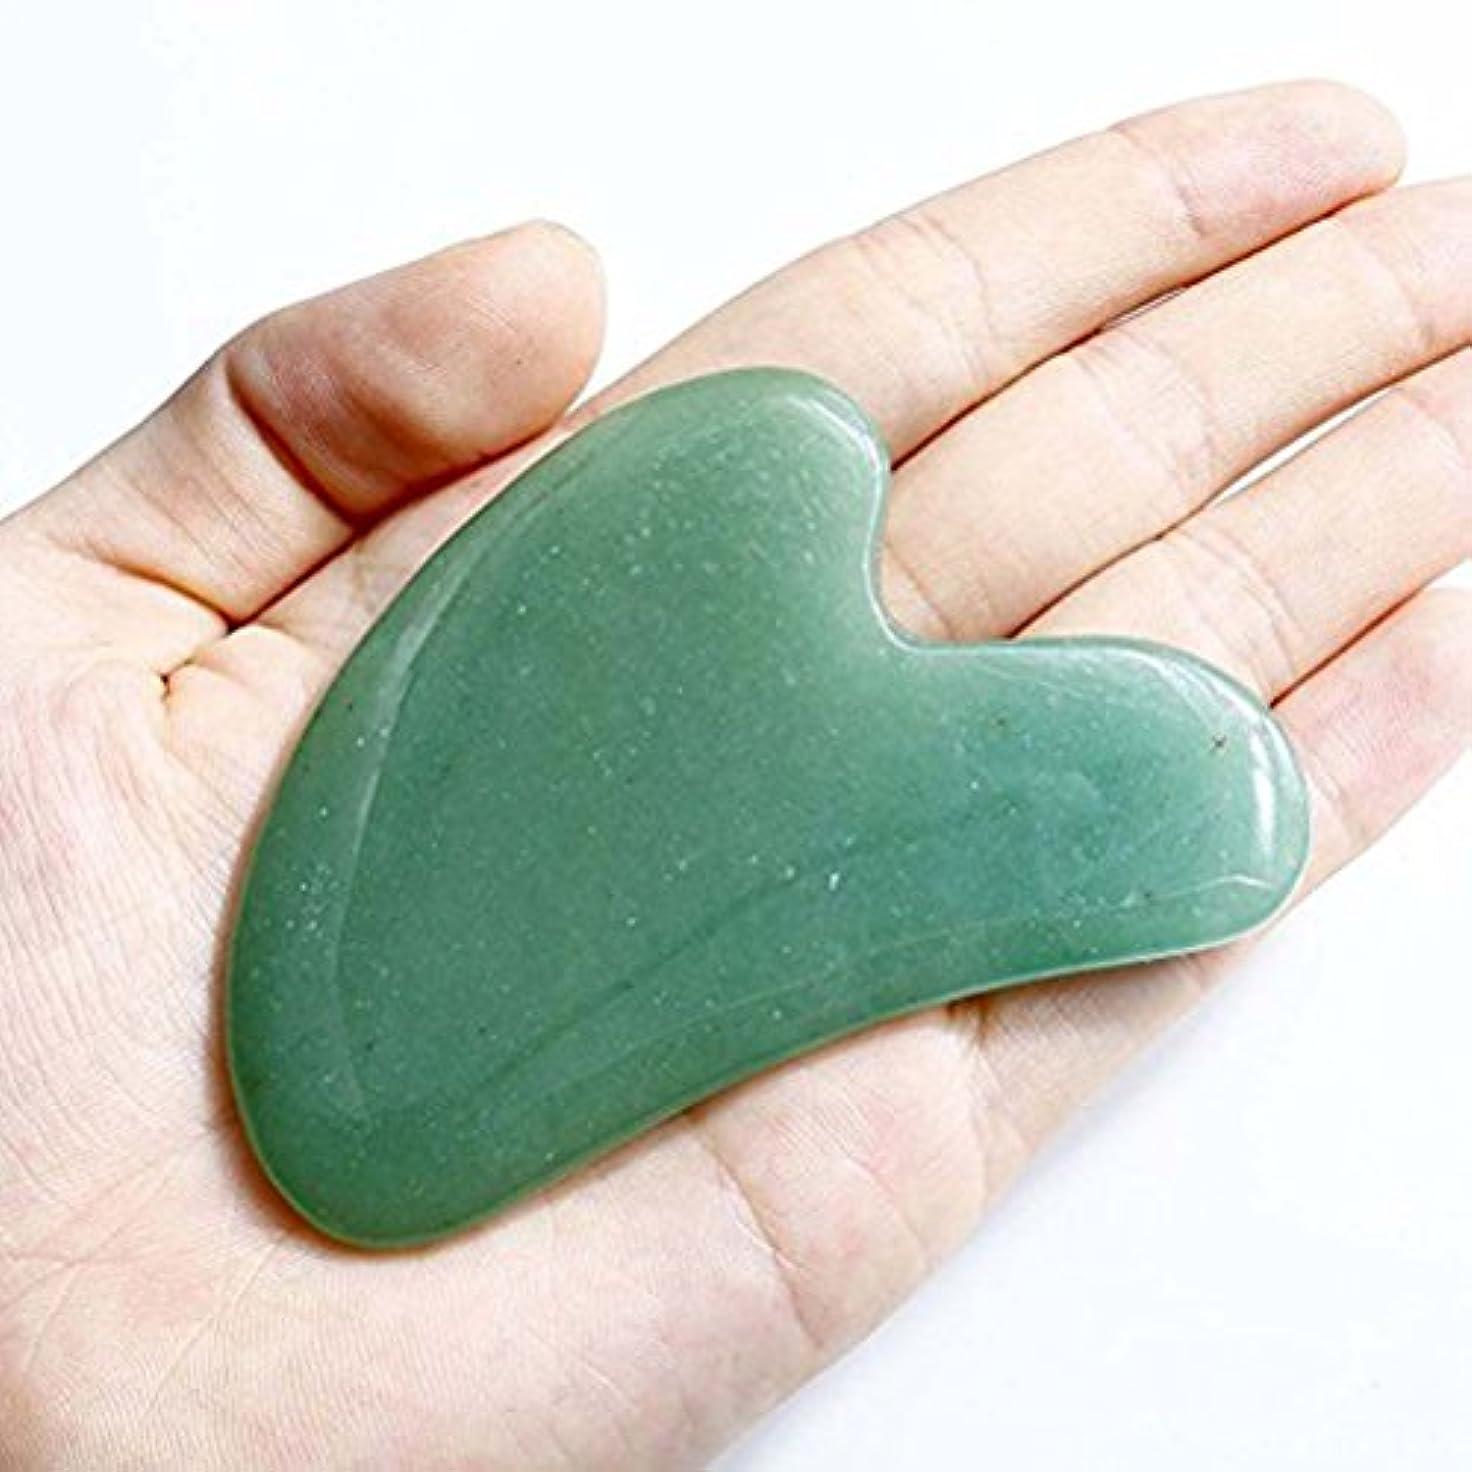 保証金修士号意気消沈したEcho & Kern Face / Body Massage Green Aventurine heart shape ハート形状かっさプレート 天然石 翡翠色(顔?ボディのリンパマッサージ) (かっさプレートH)